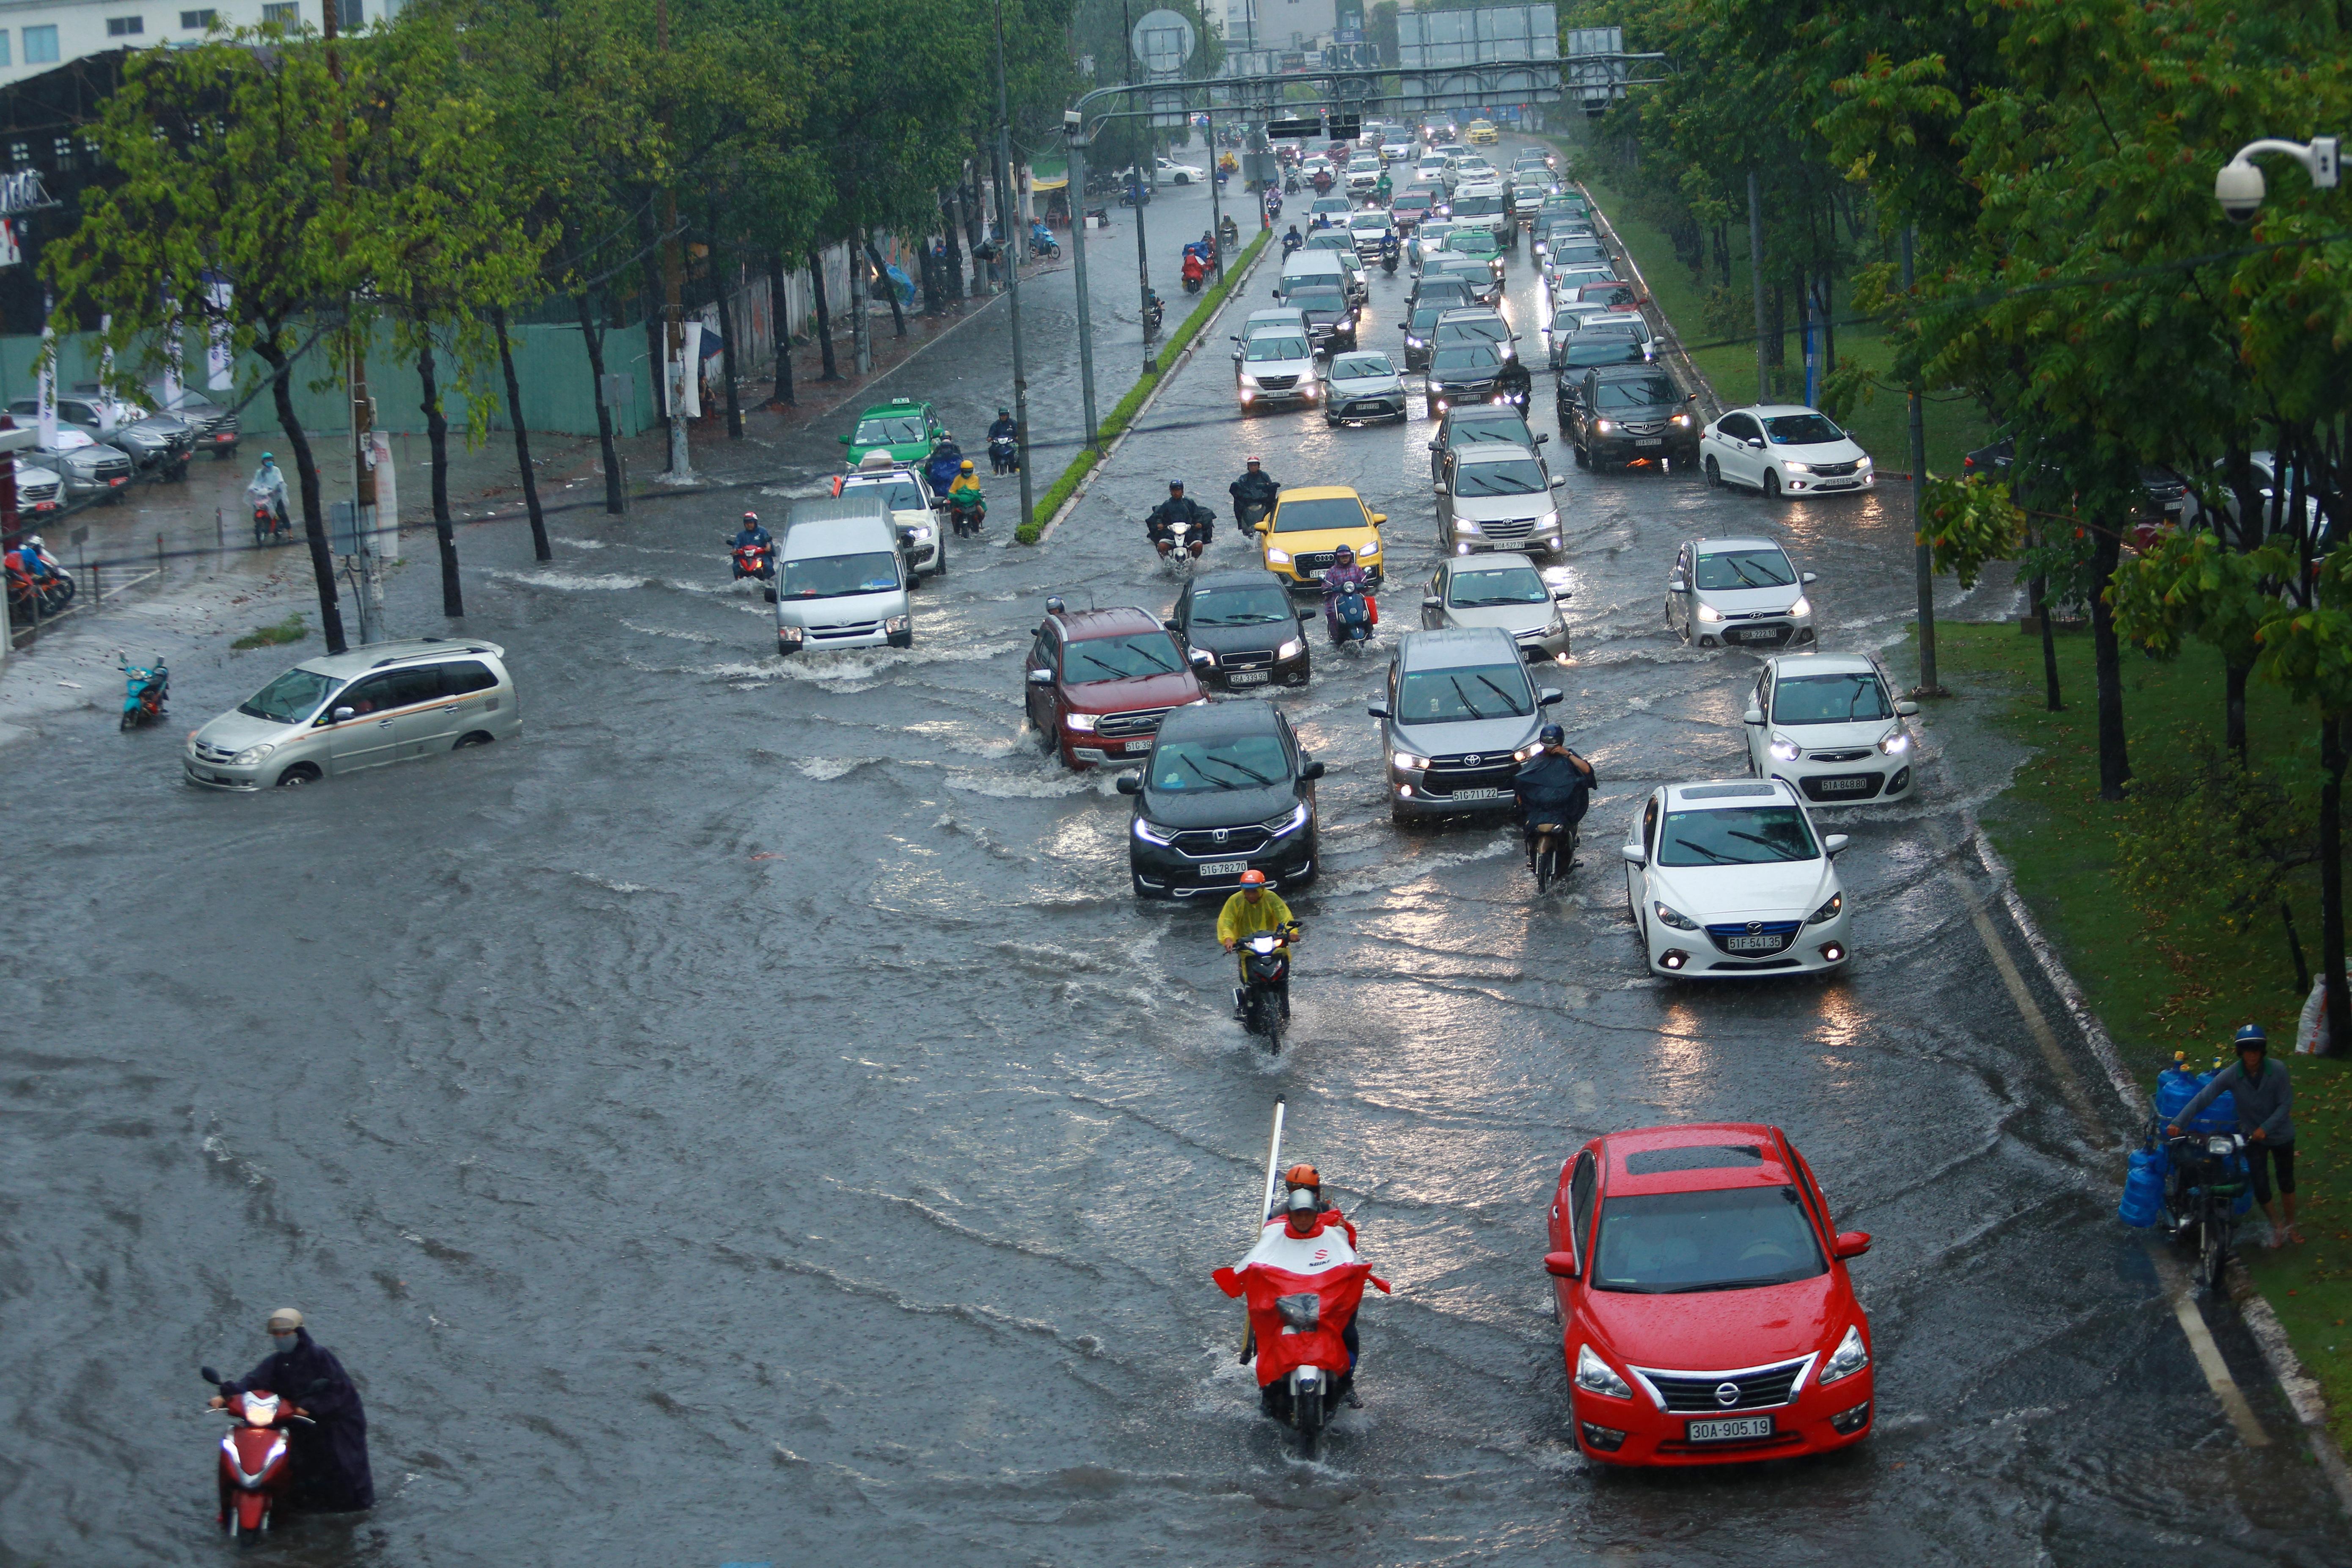 Mưa trắng trời khiến rốn ngập Sài Gòn mênh mông nước, người dân hì hục đẩy xe trên đường - Ảnh 2.